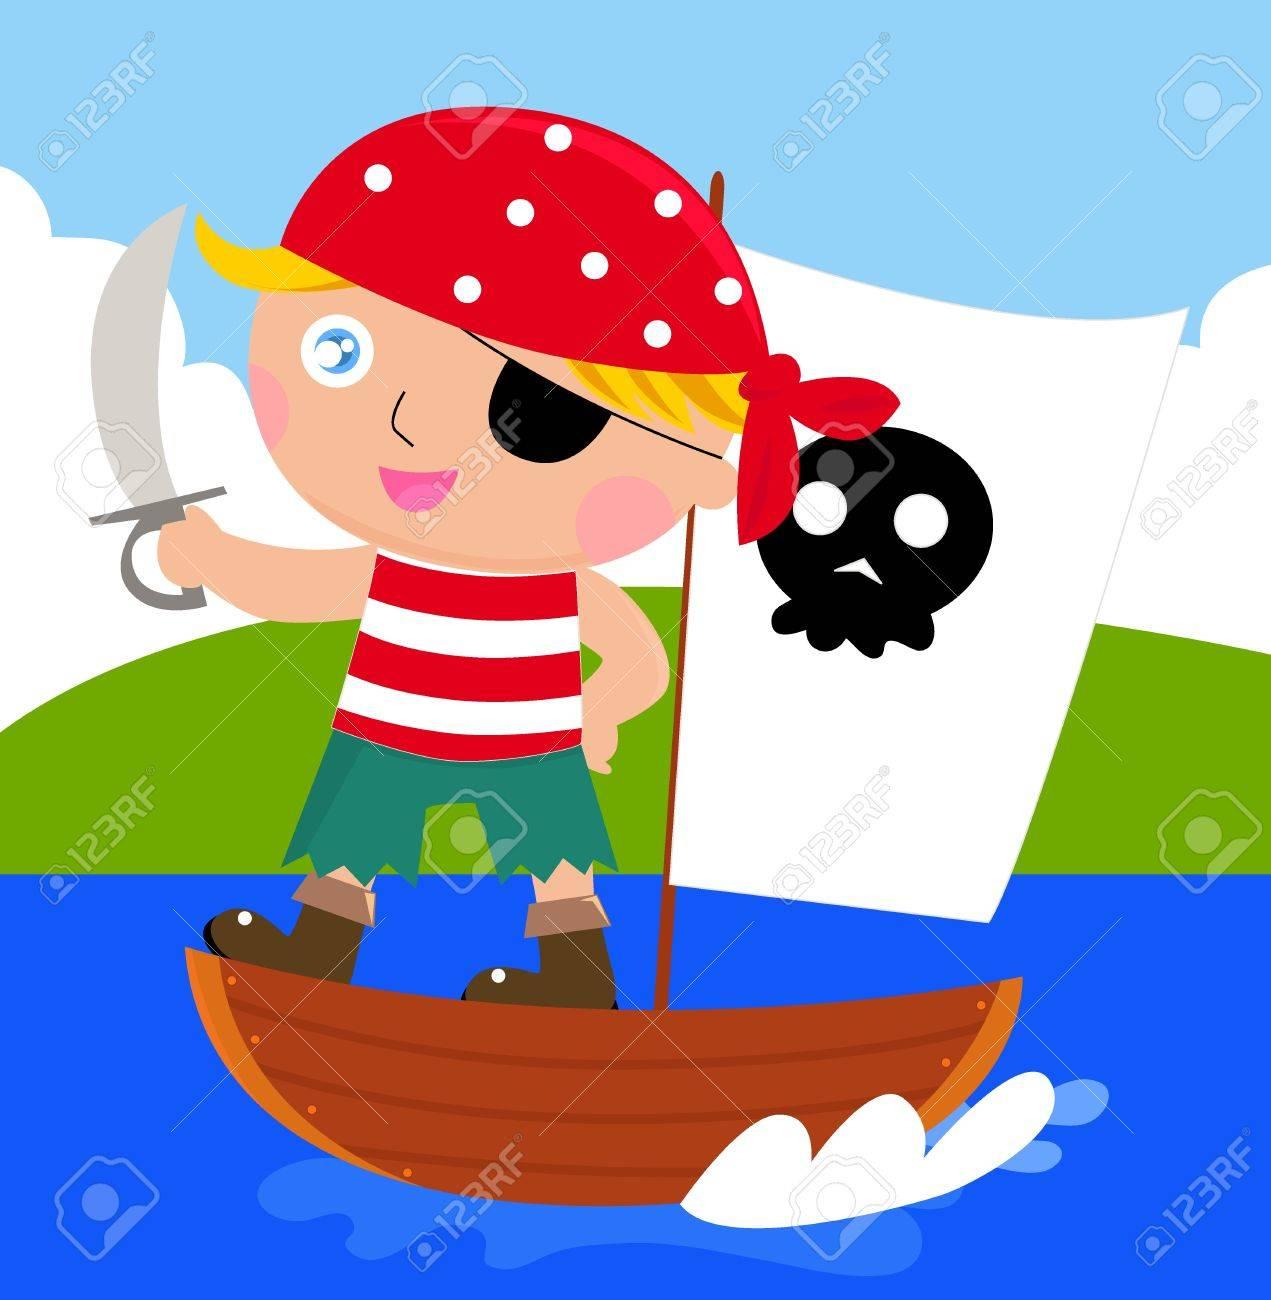 Cartoon Pirate Cartoon Pirate